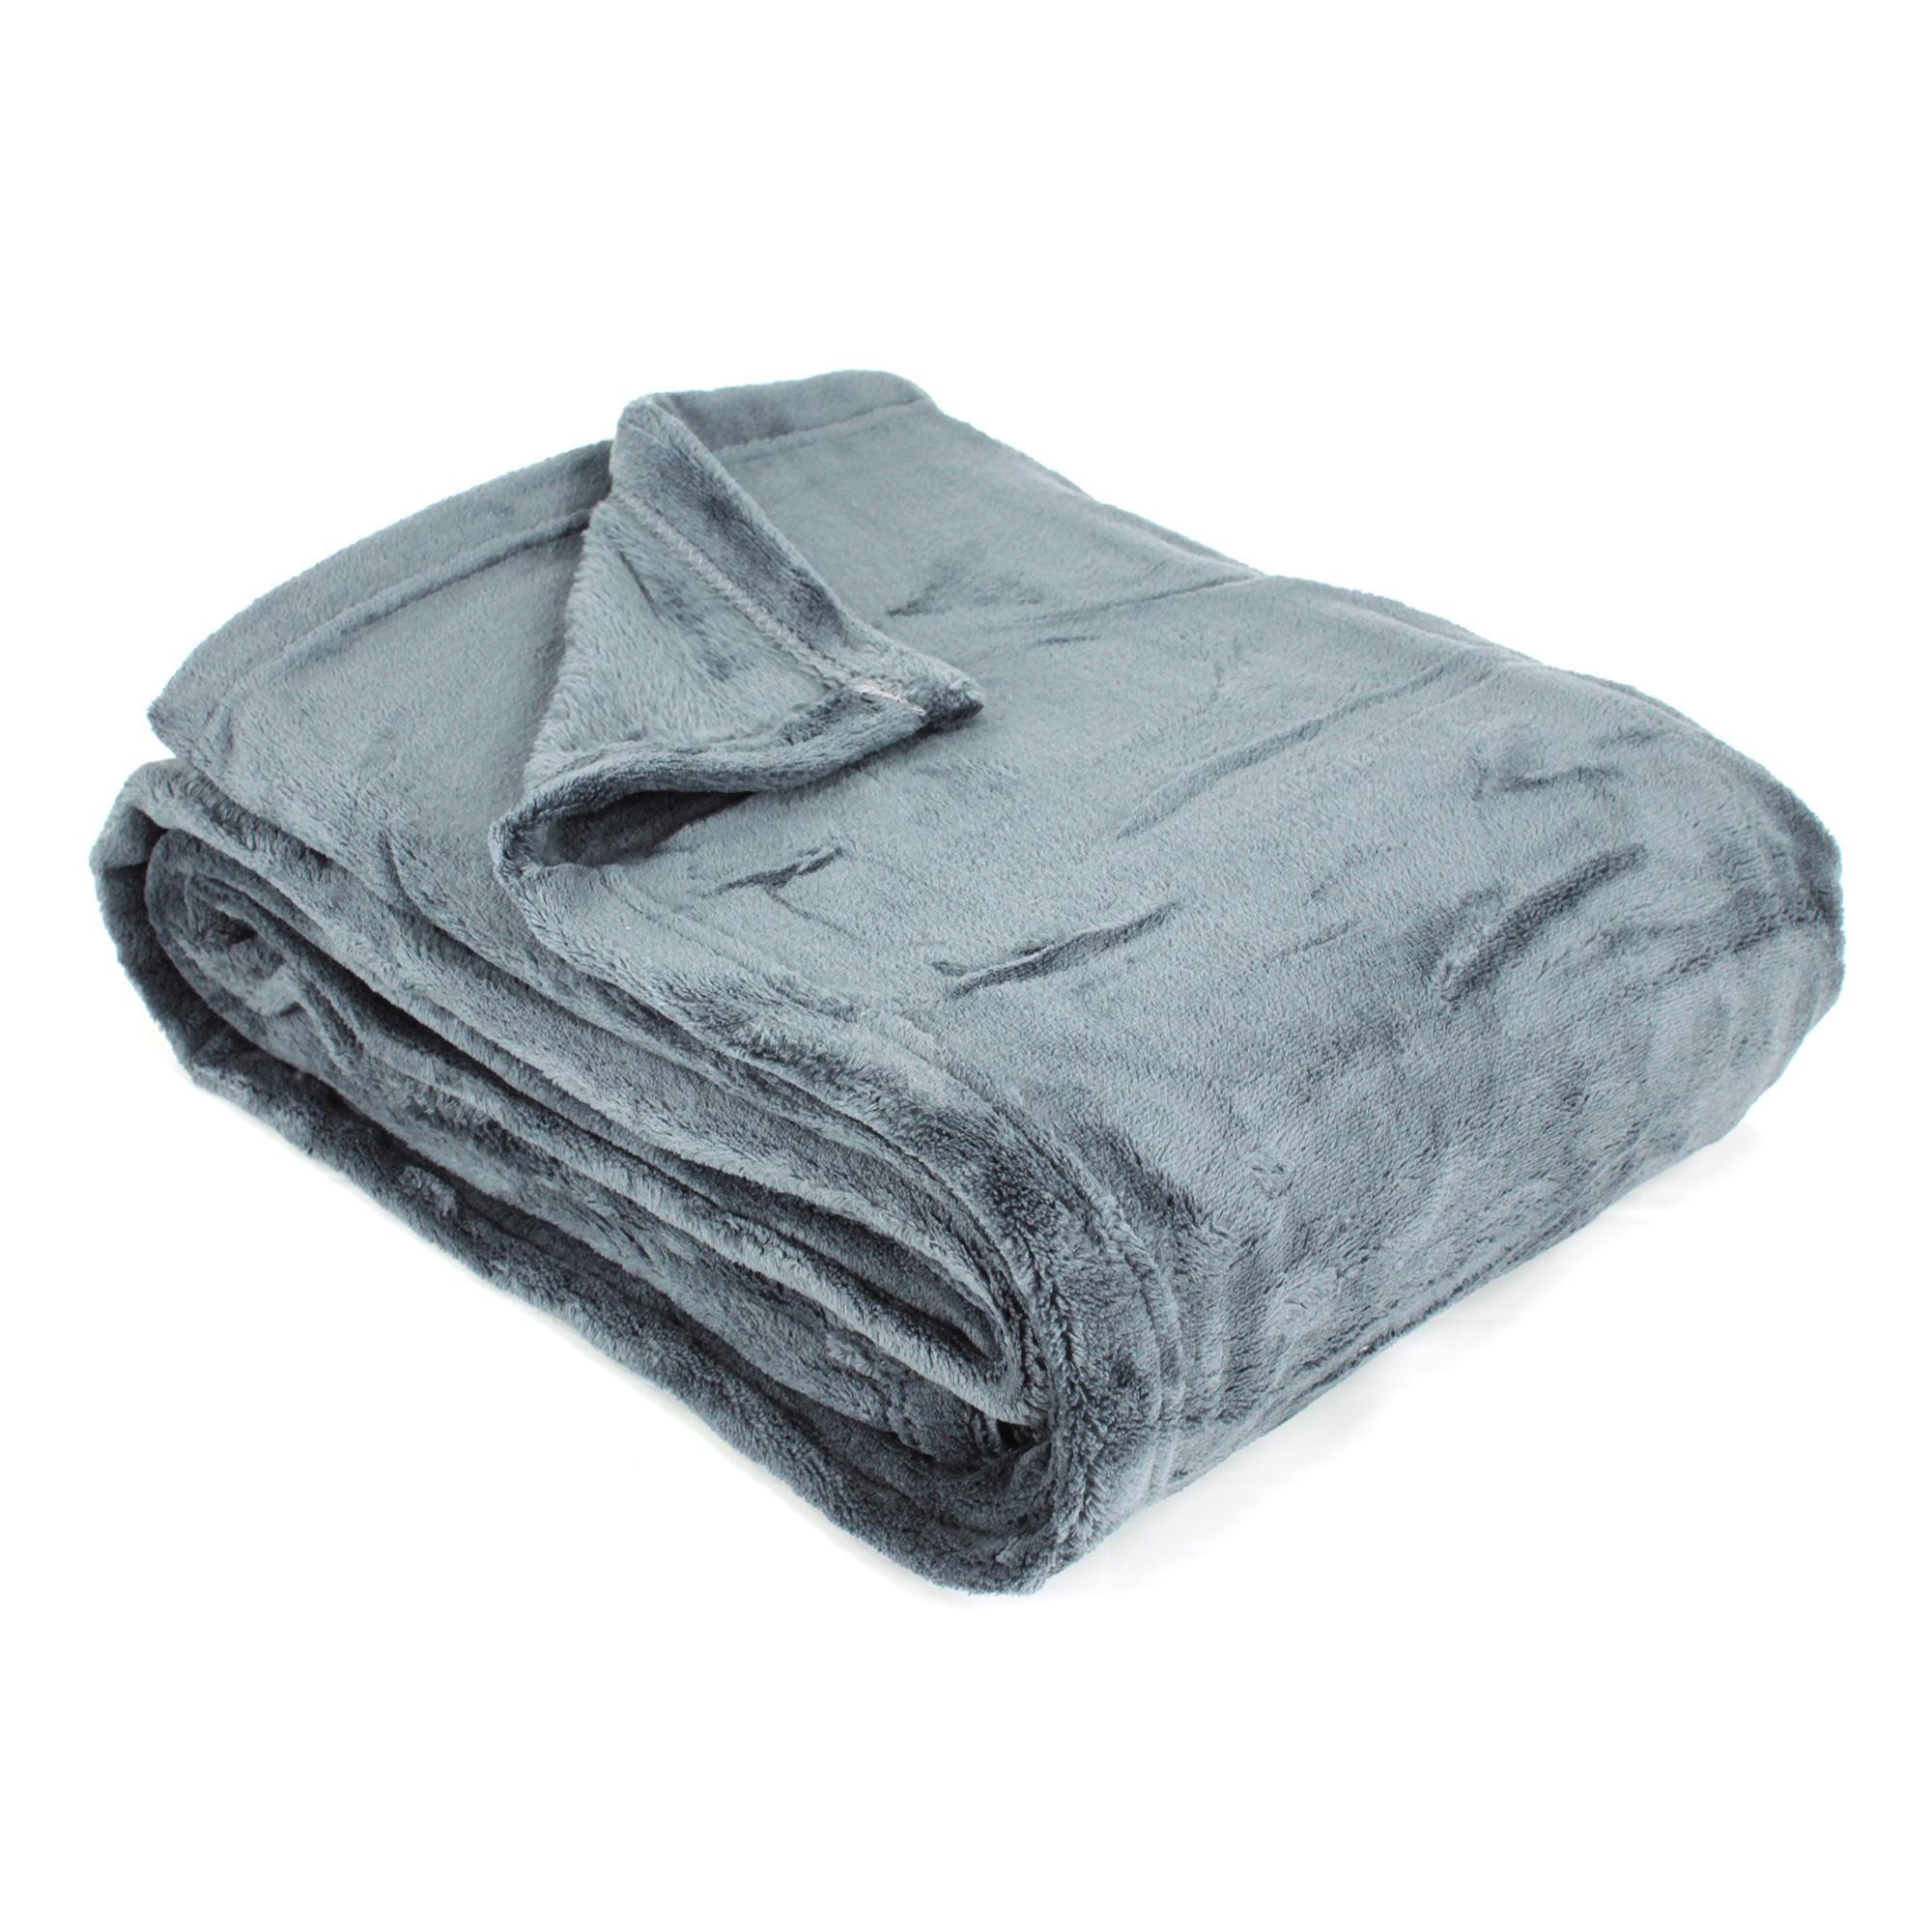 plaid polaire 130x170 microfibre 280g m2 apollo gris acier ebay. Black Bedroom Furniture Sets. Home Design Ideas